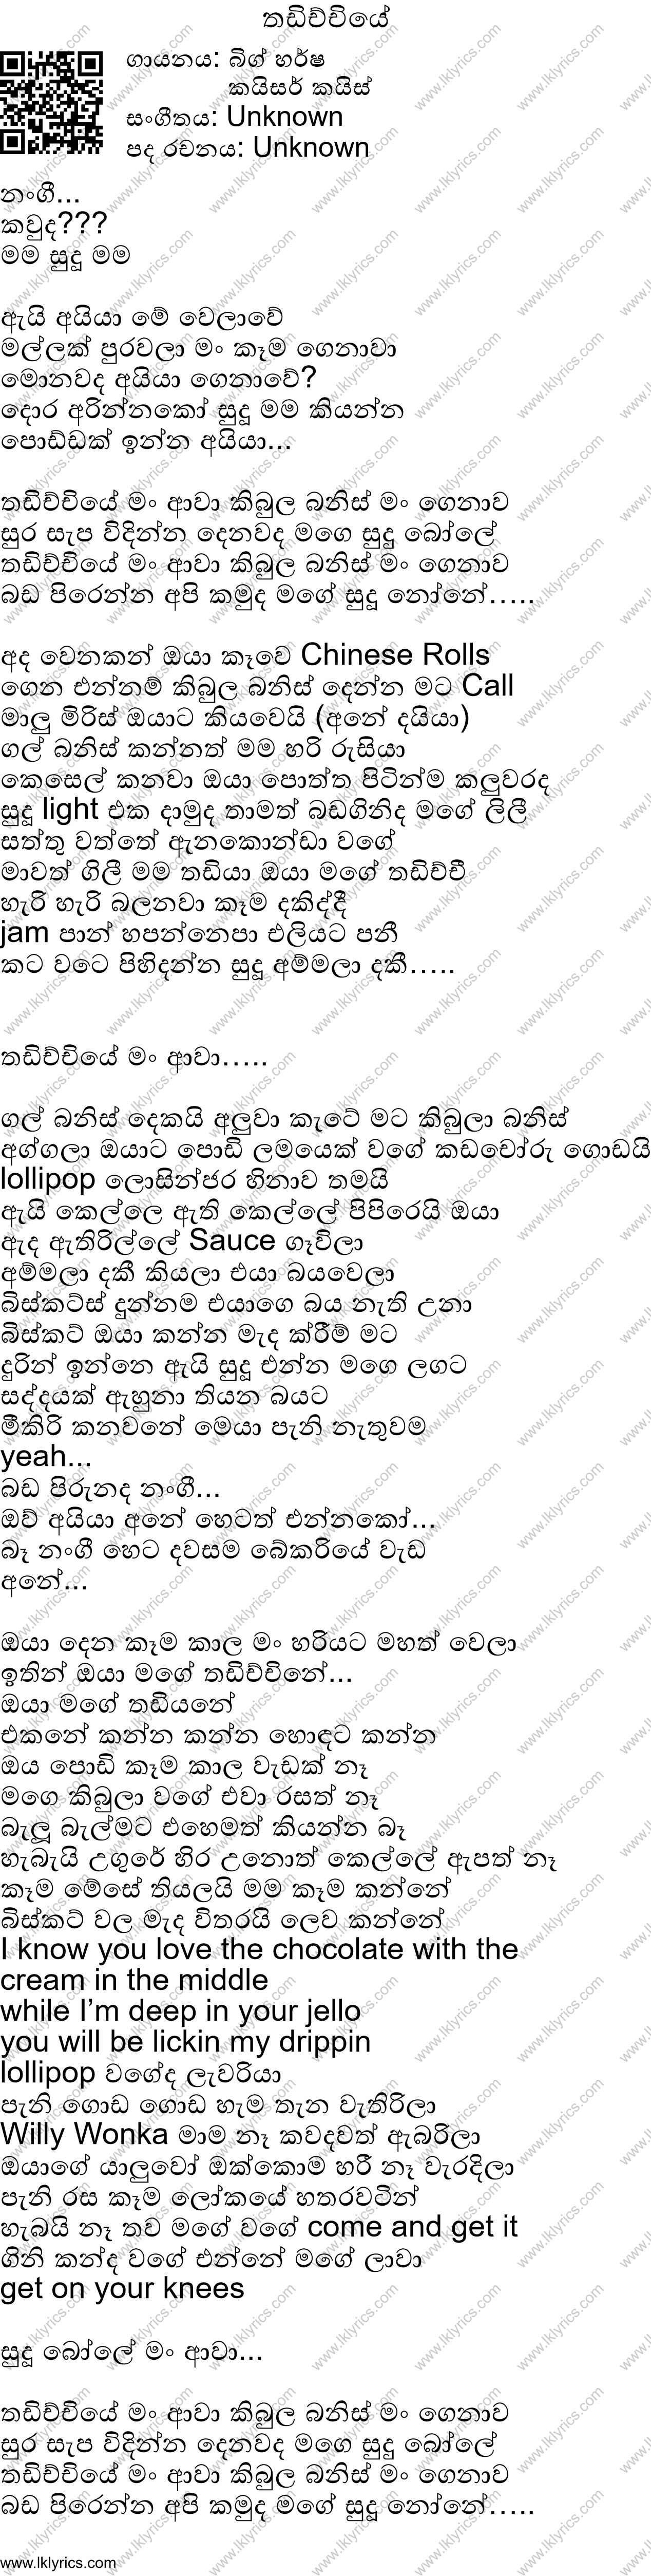 Thadichchiye Lyrics - LK Lyrics